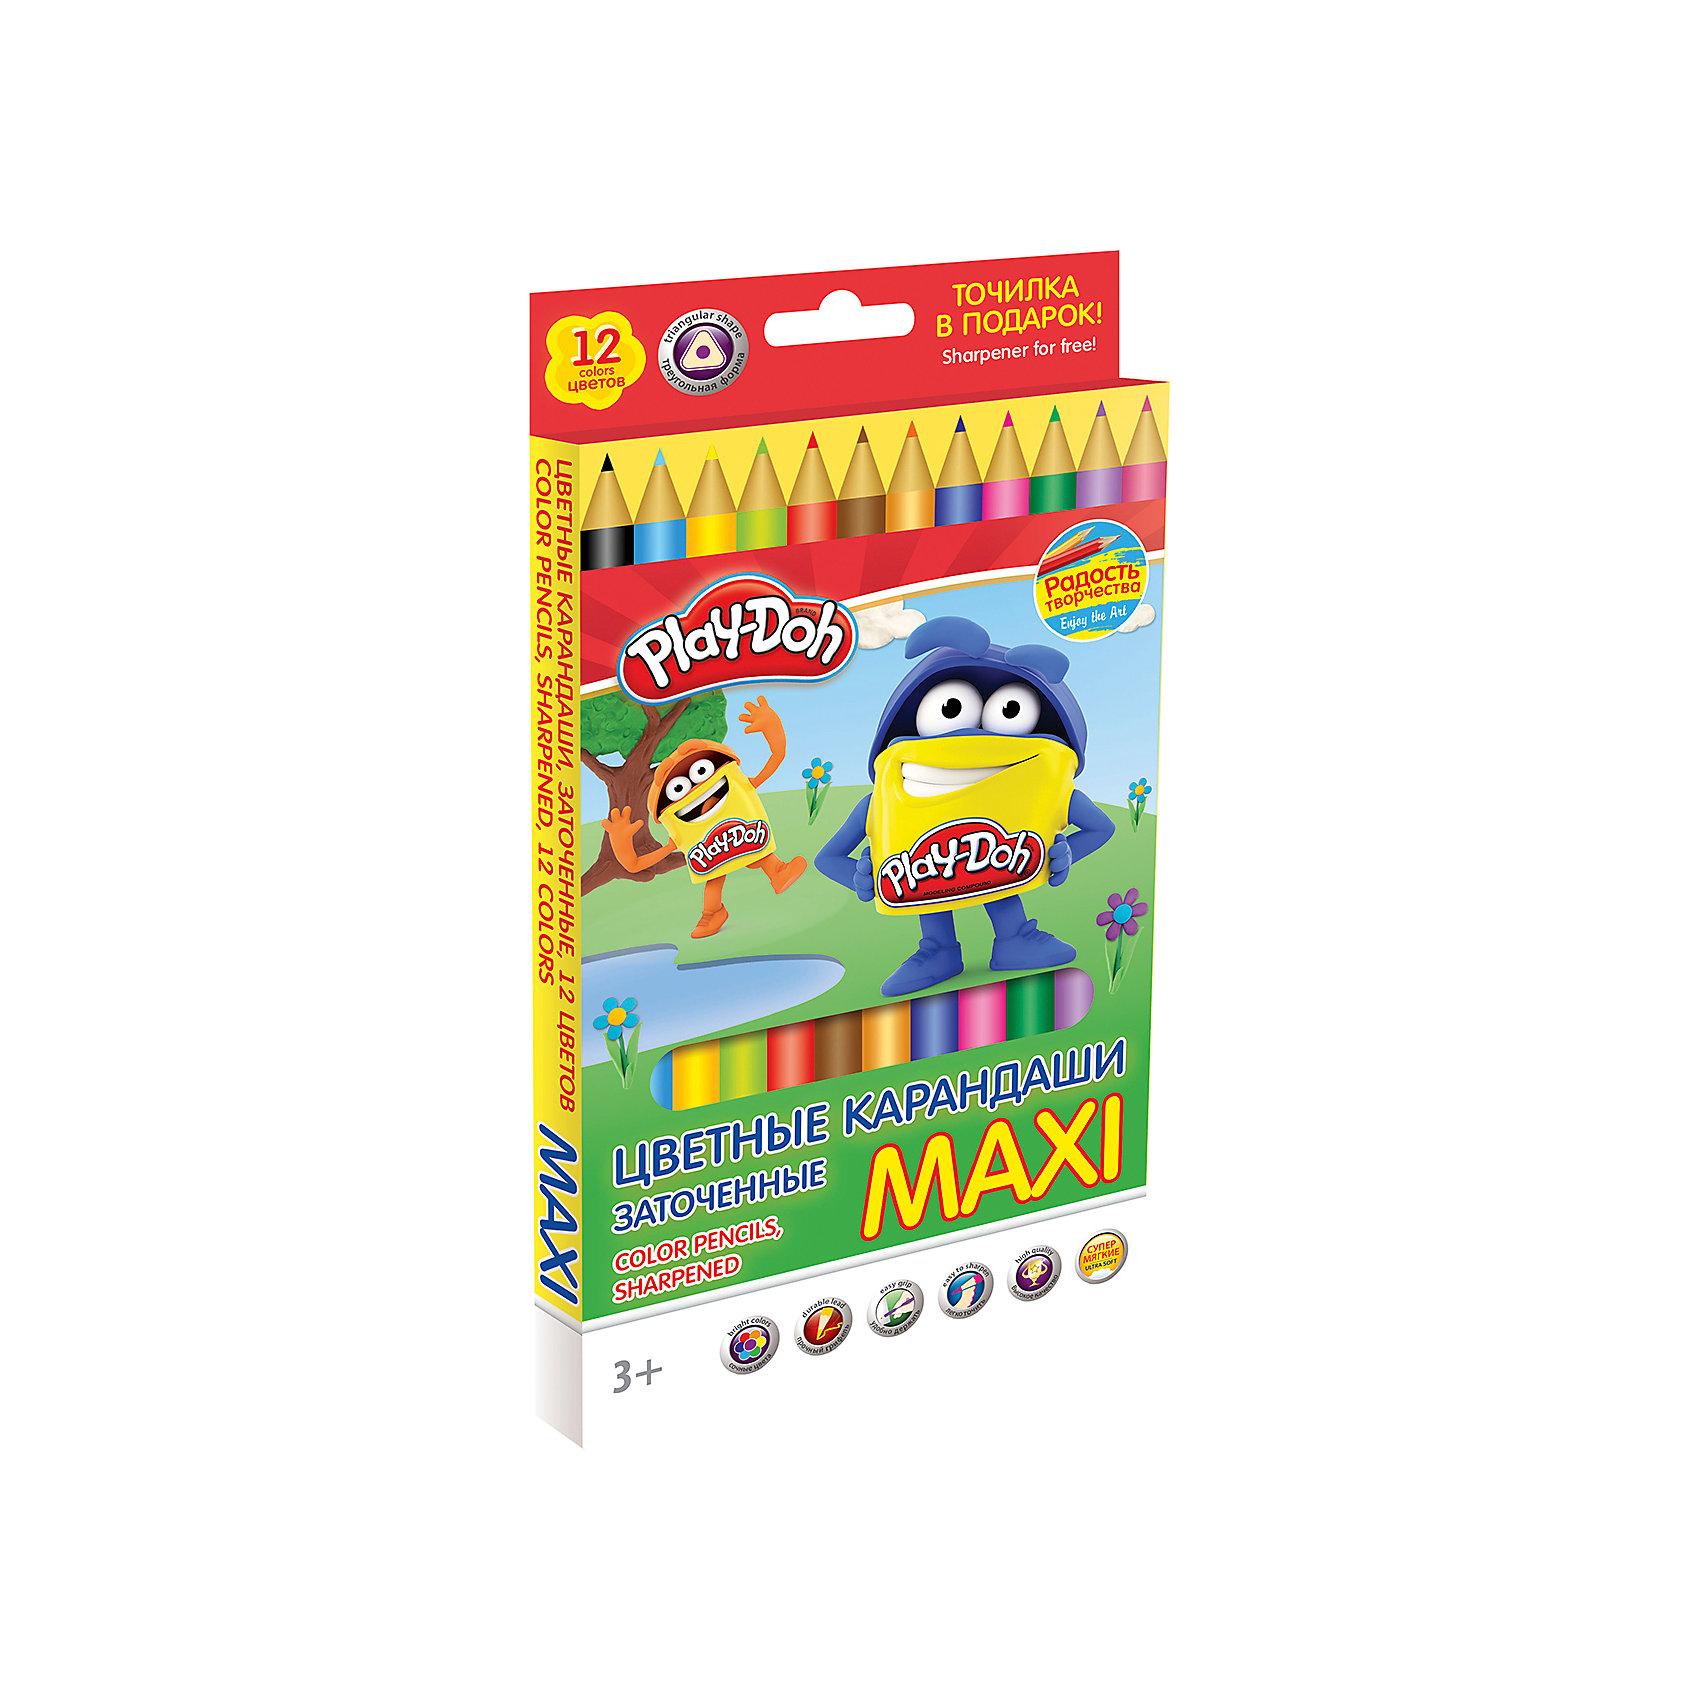 Академия групп Цветные карандаши Maxi 12 цветов, Play-Doh